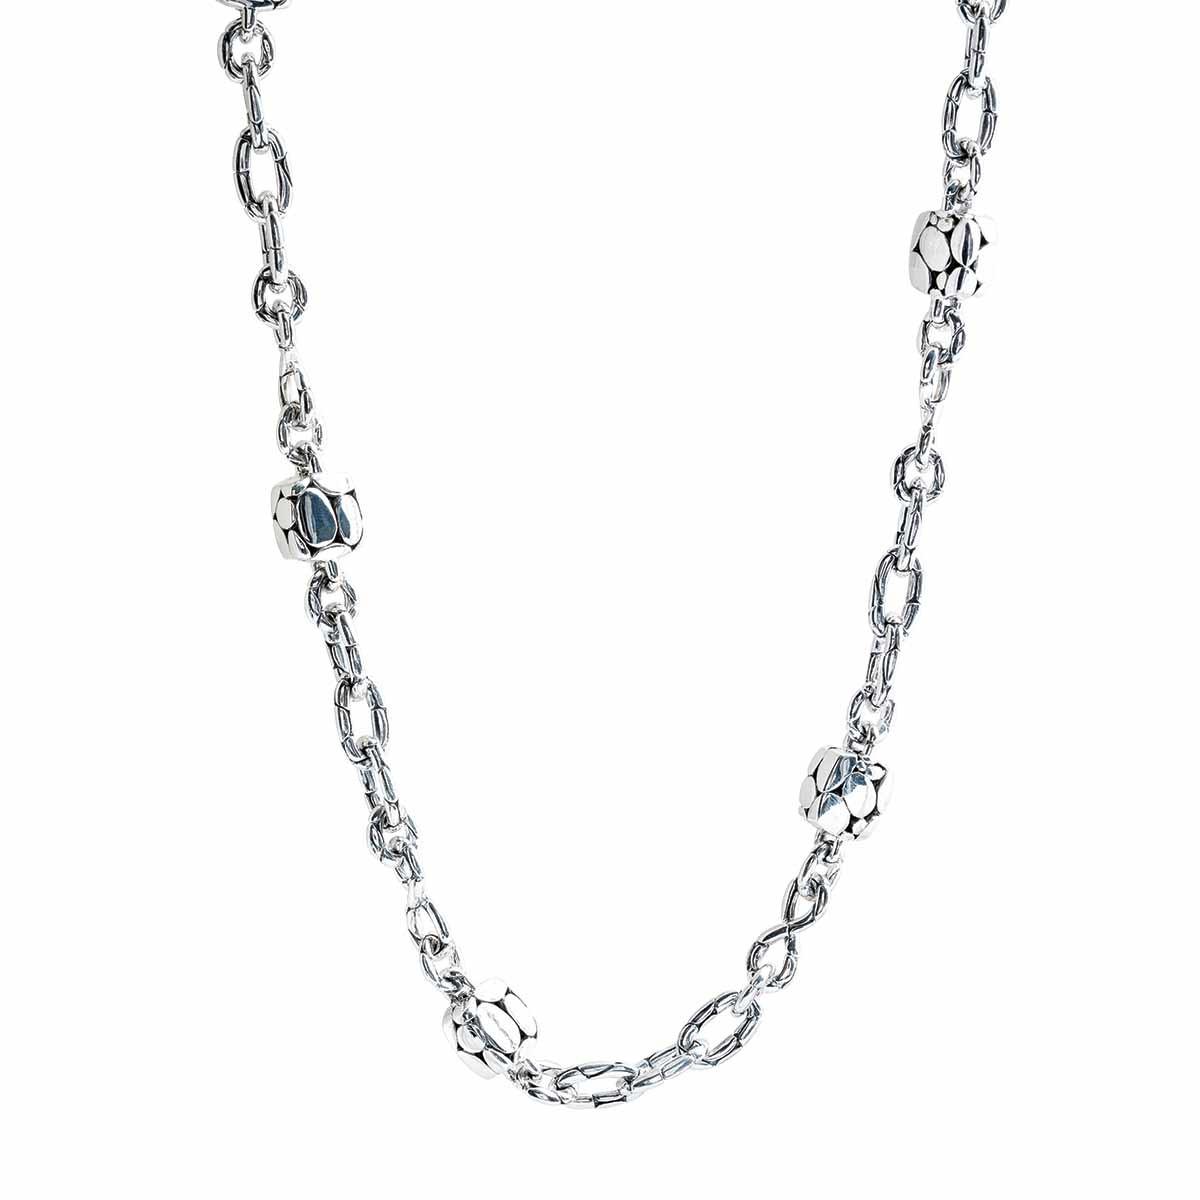 Vintage John Hardy Bali Choker Necklace